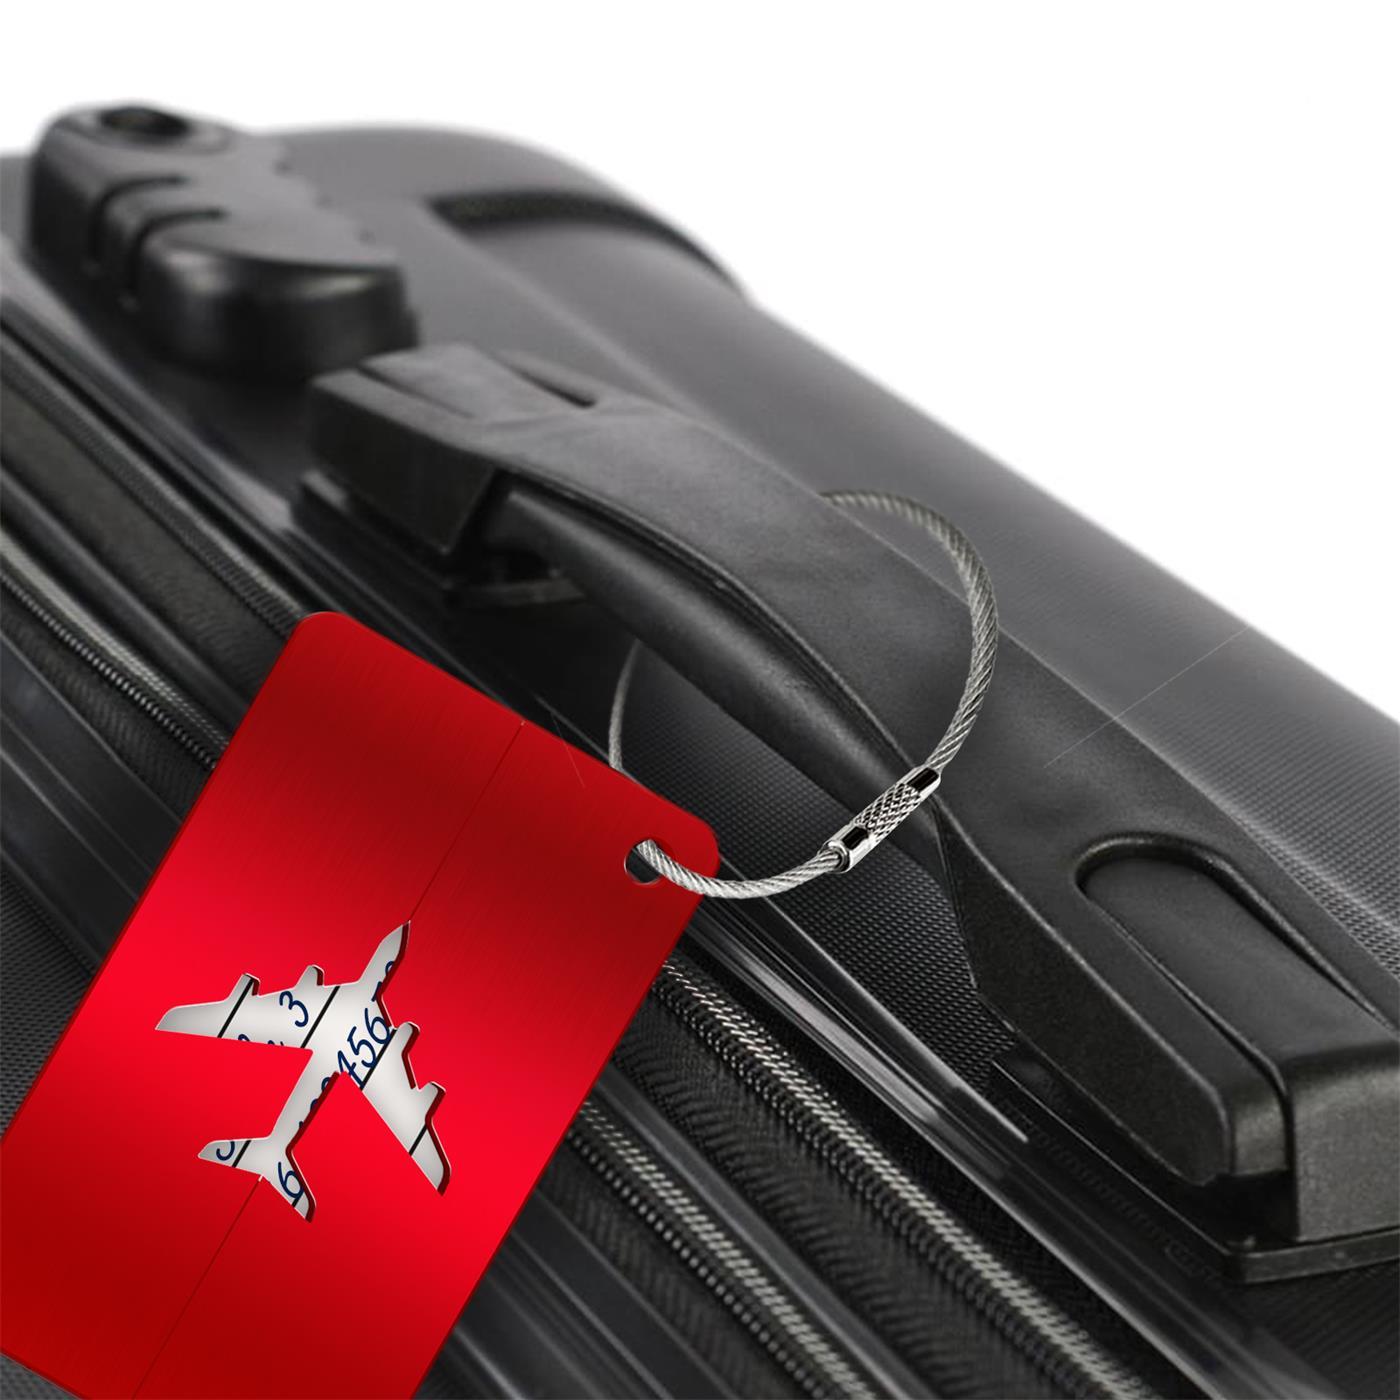 Reise-Kofferanhaenger-Namensschild-Gepaeck-Anhaenger-Schild-Urlaub-Flugzeug-Trolley Indexbild 18